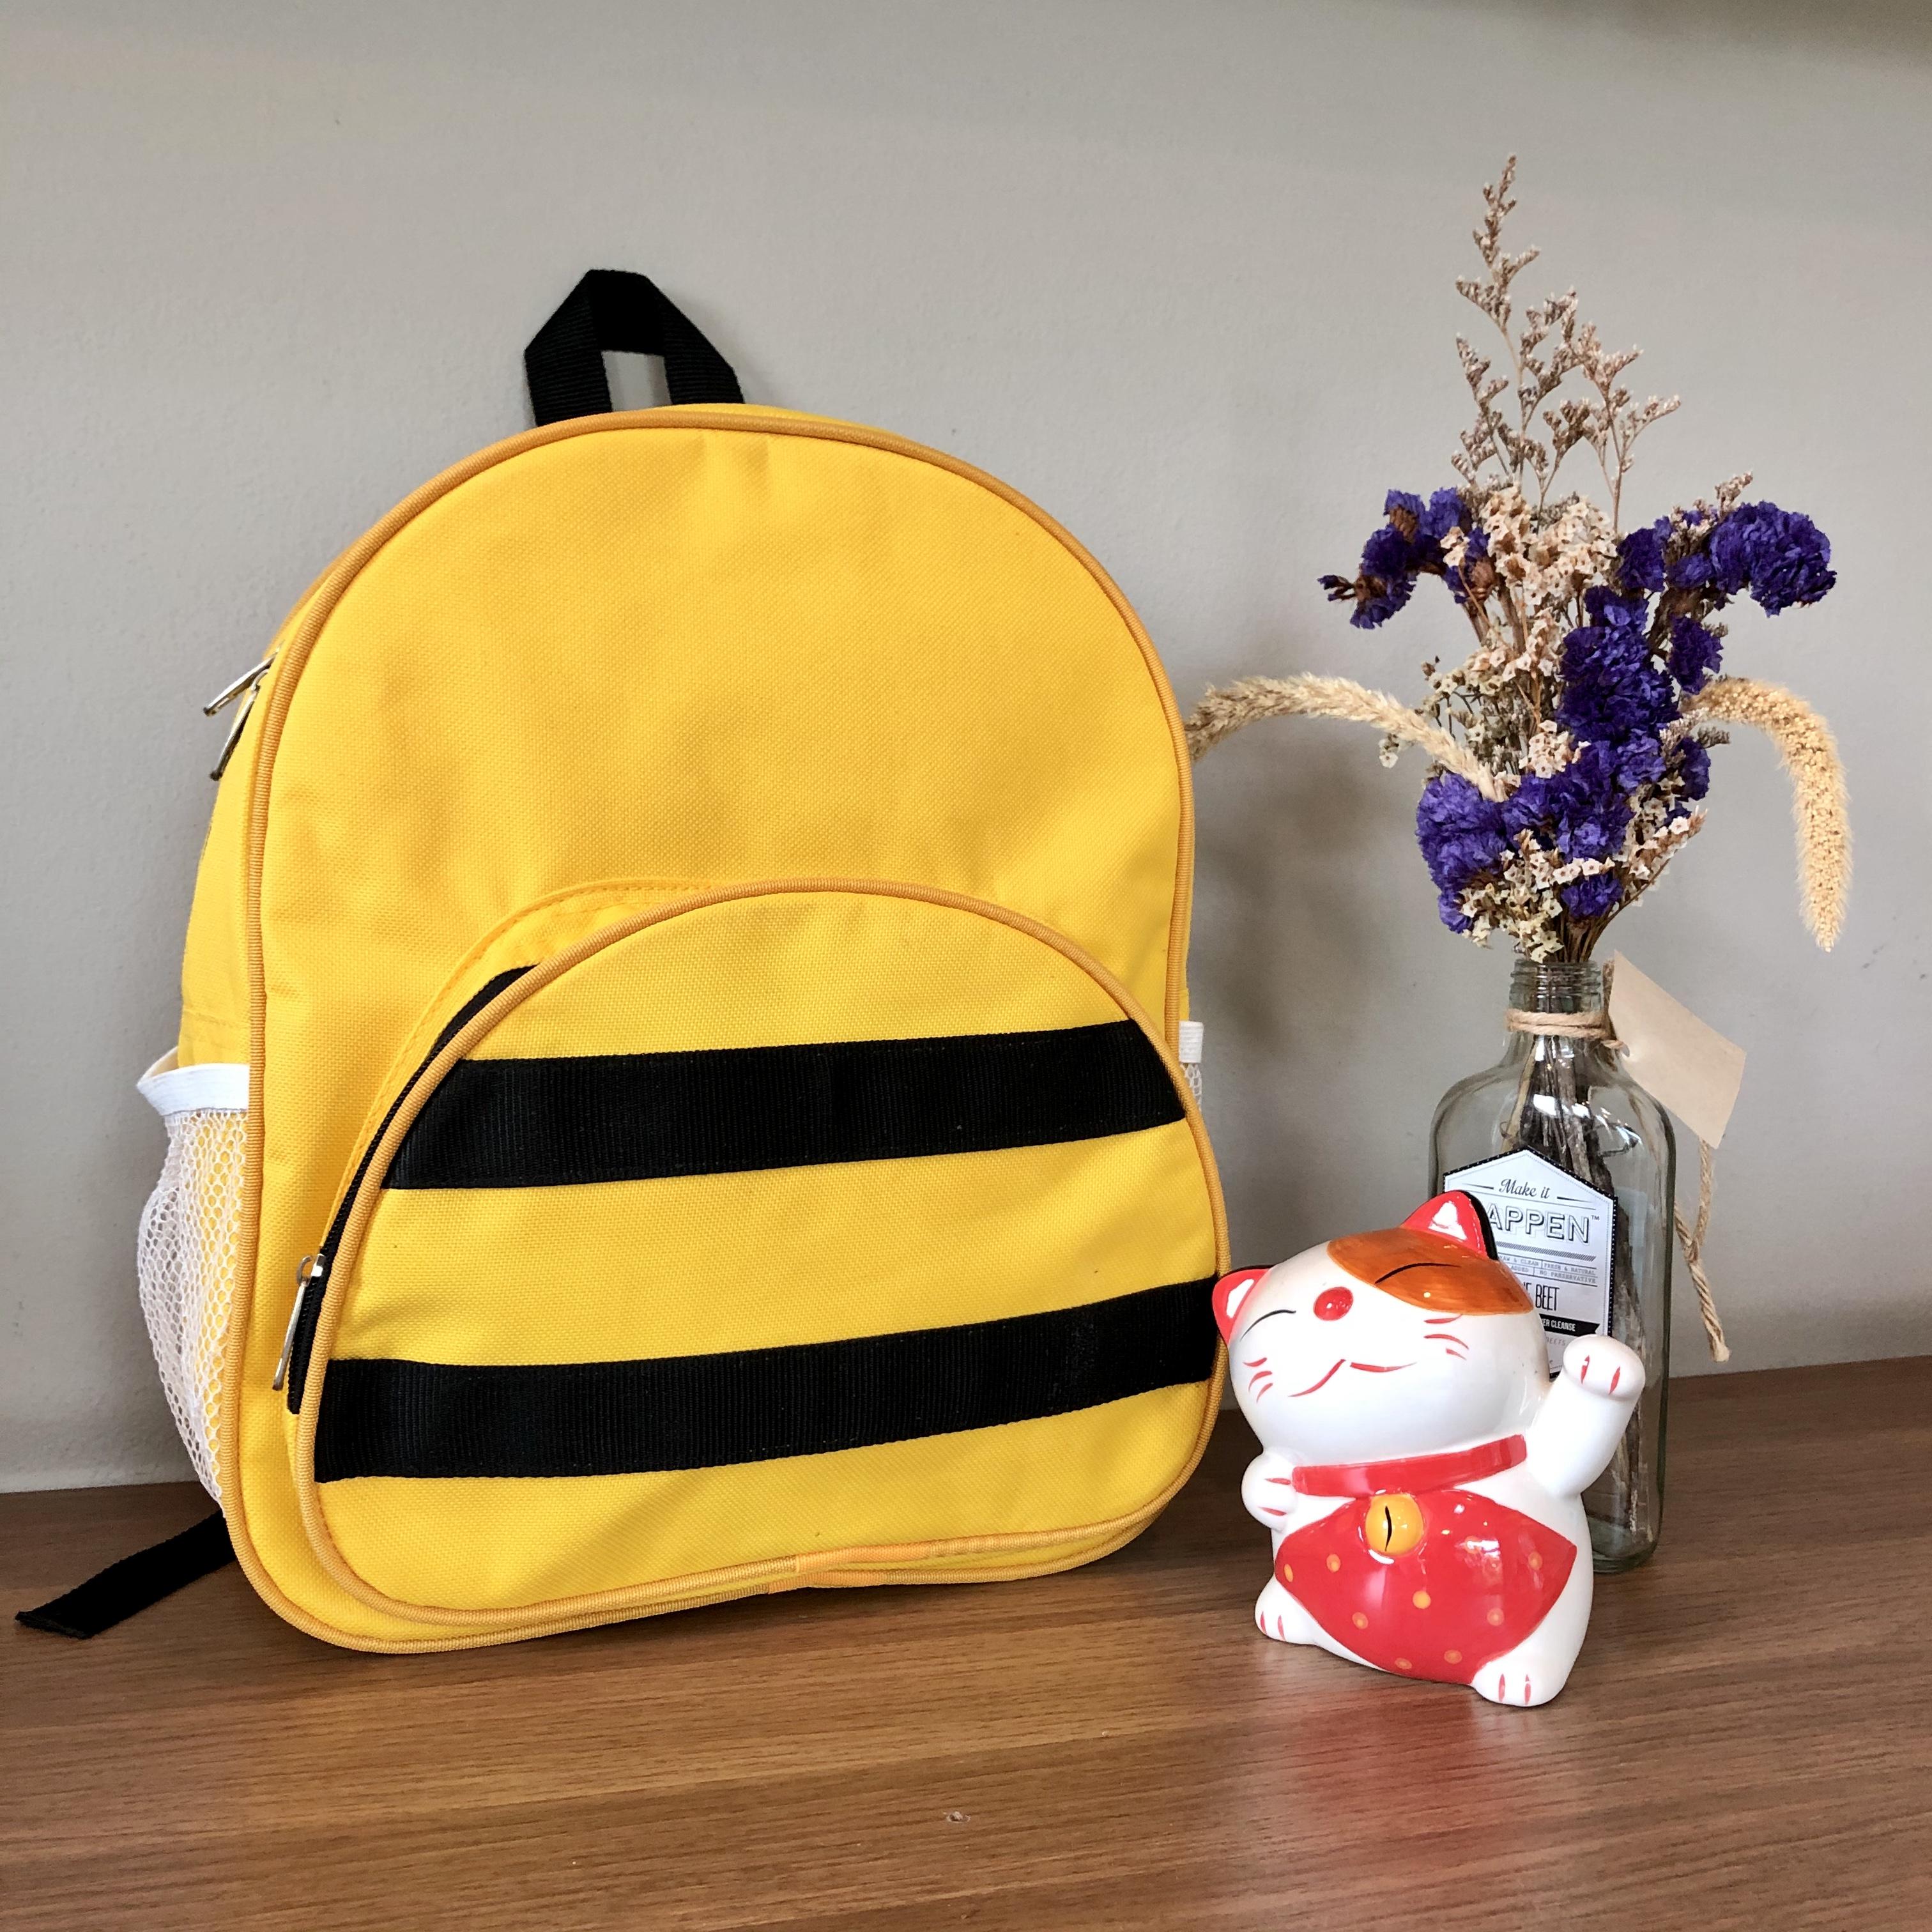 กระเป๋านักเรียน เป้นักเรียน SC 037